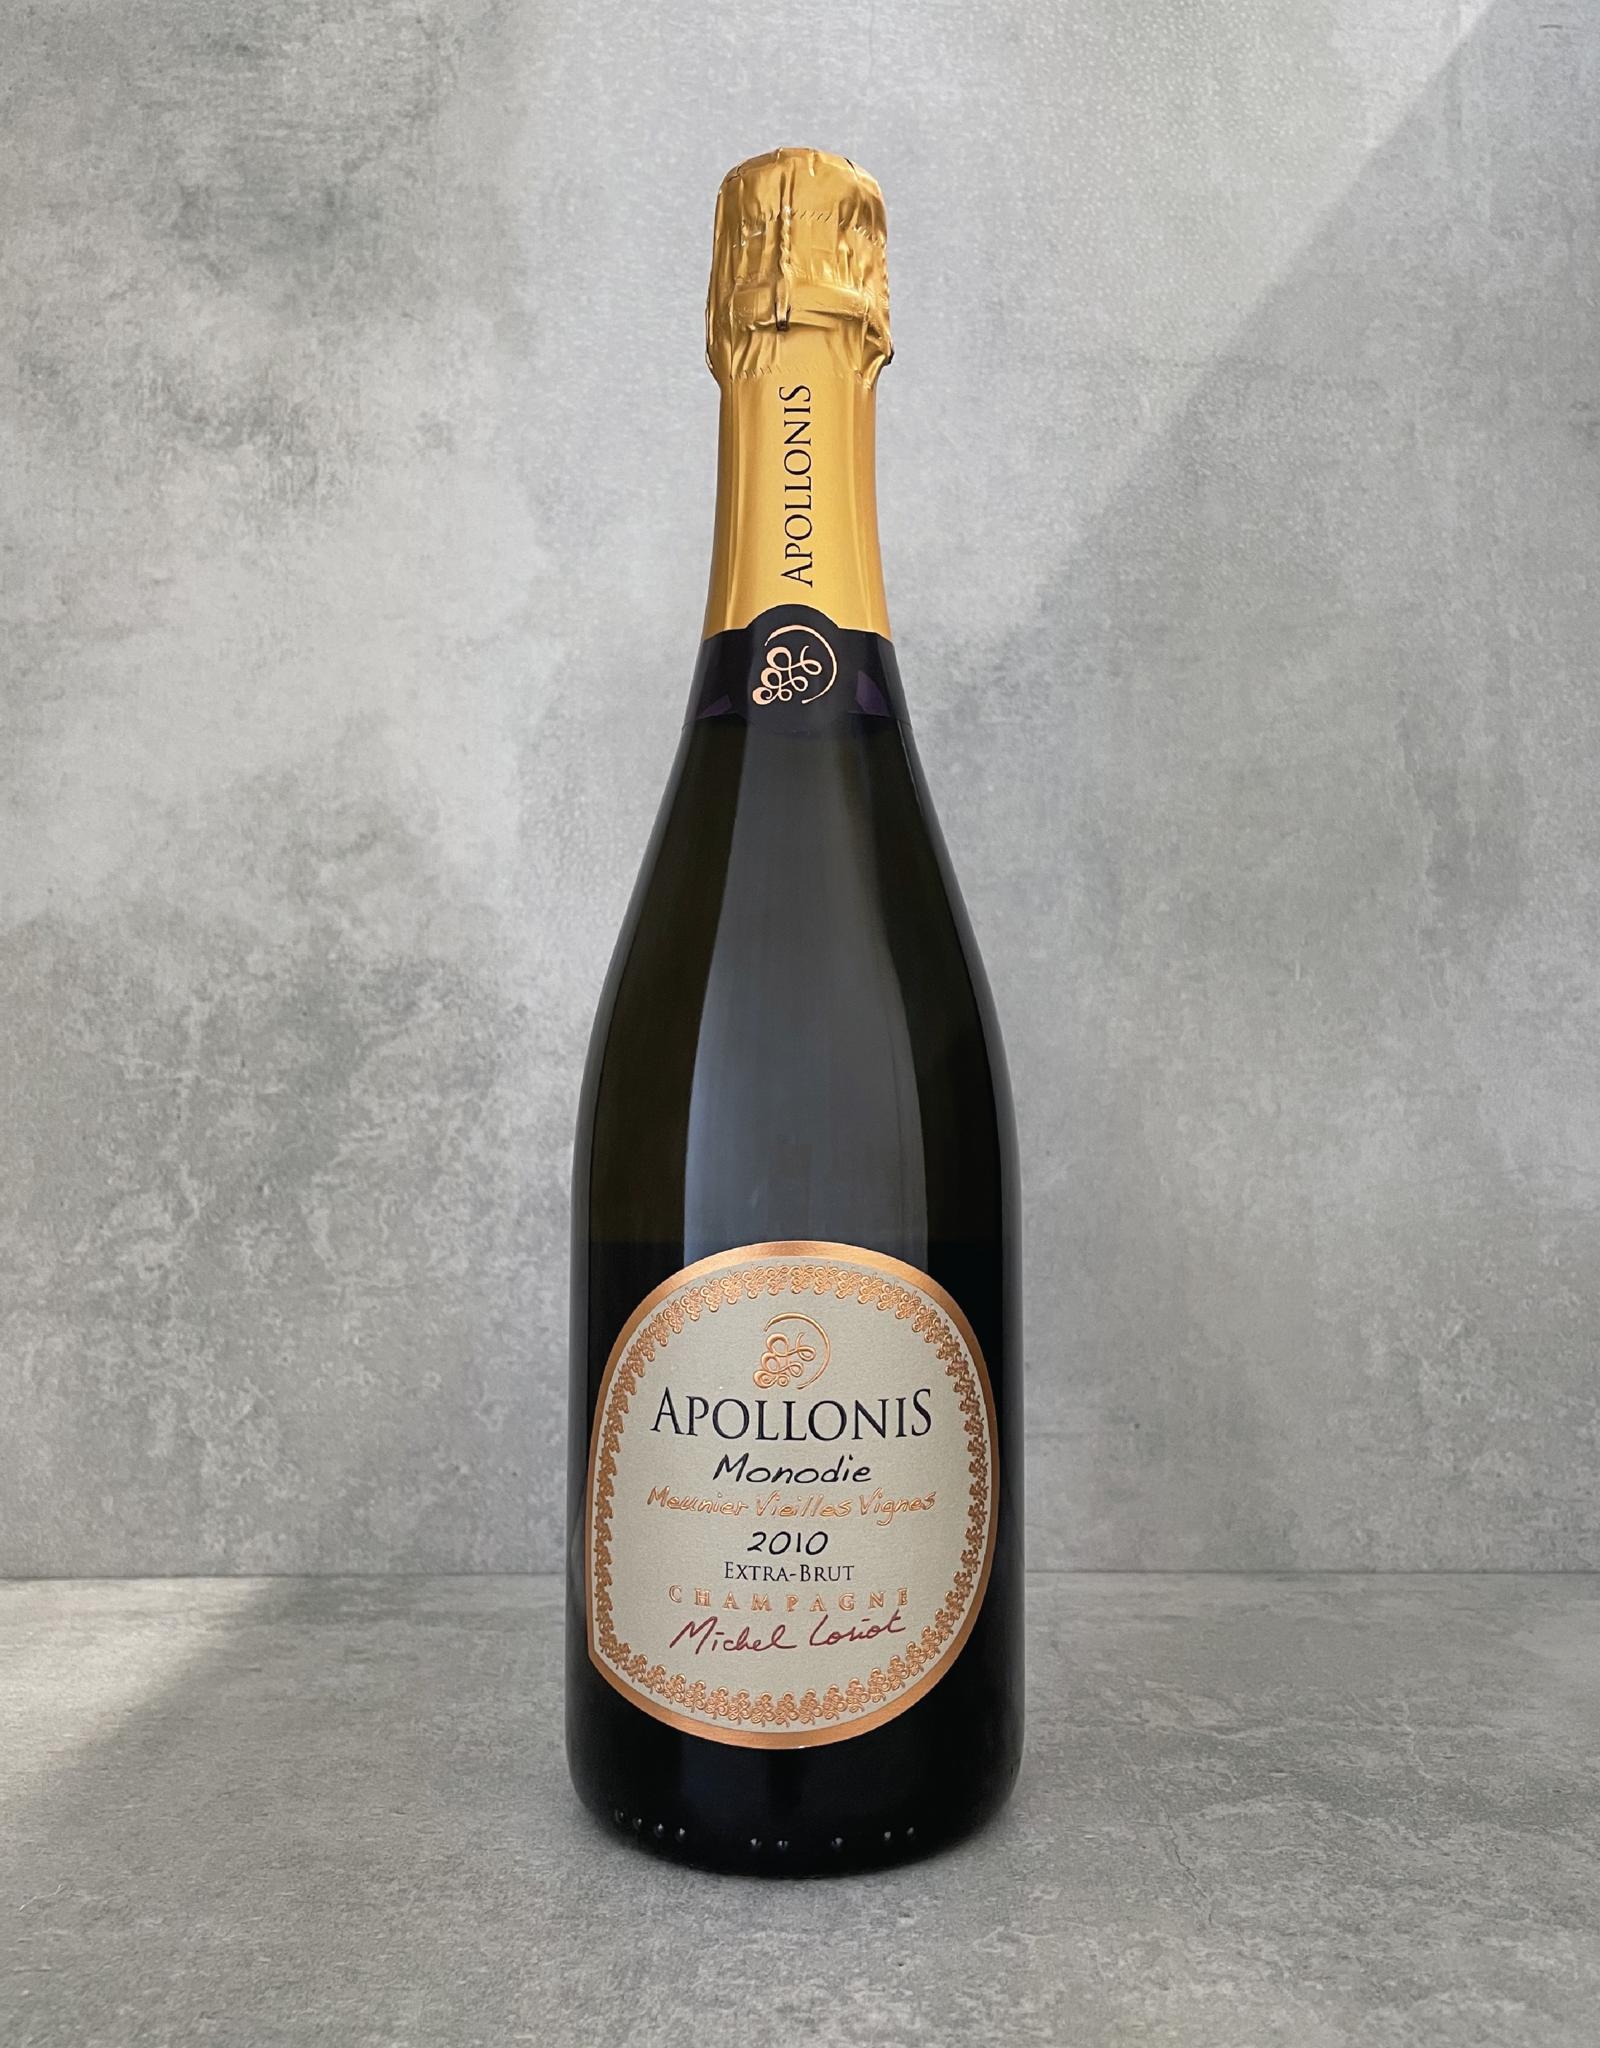 Apollonis Monodie Veilles Vignes au Meunier Majeur 2008